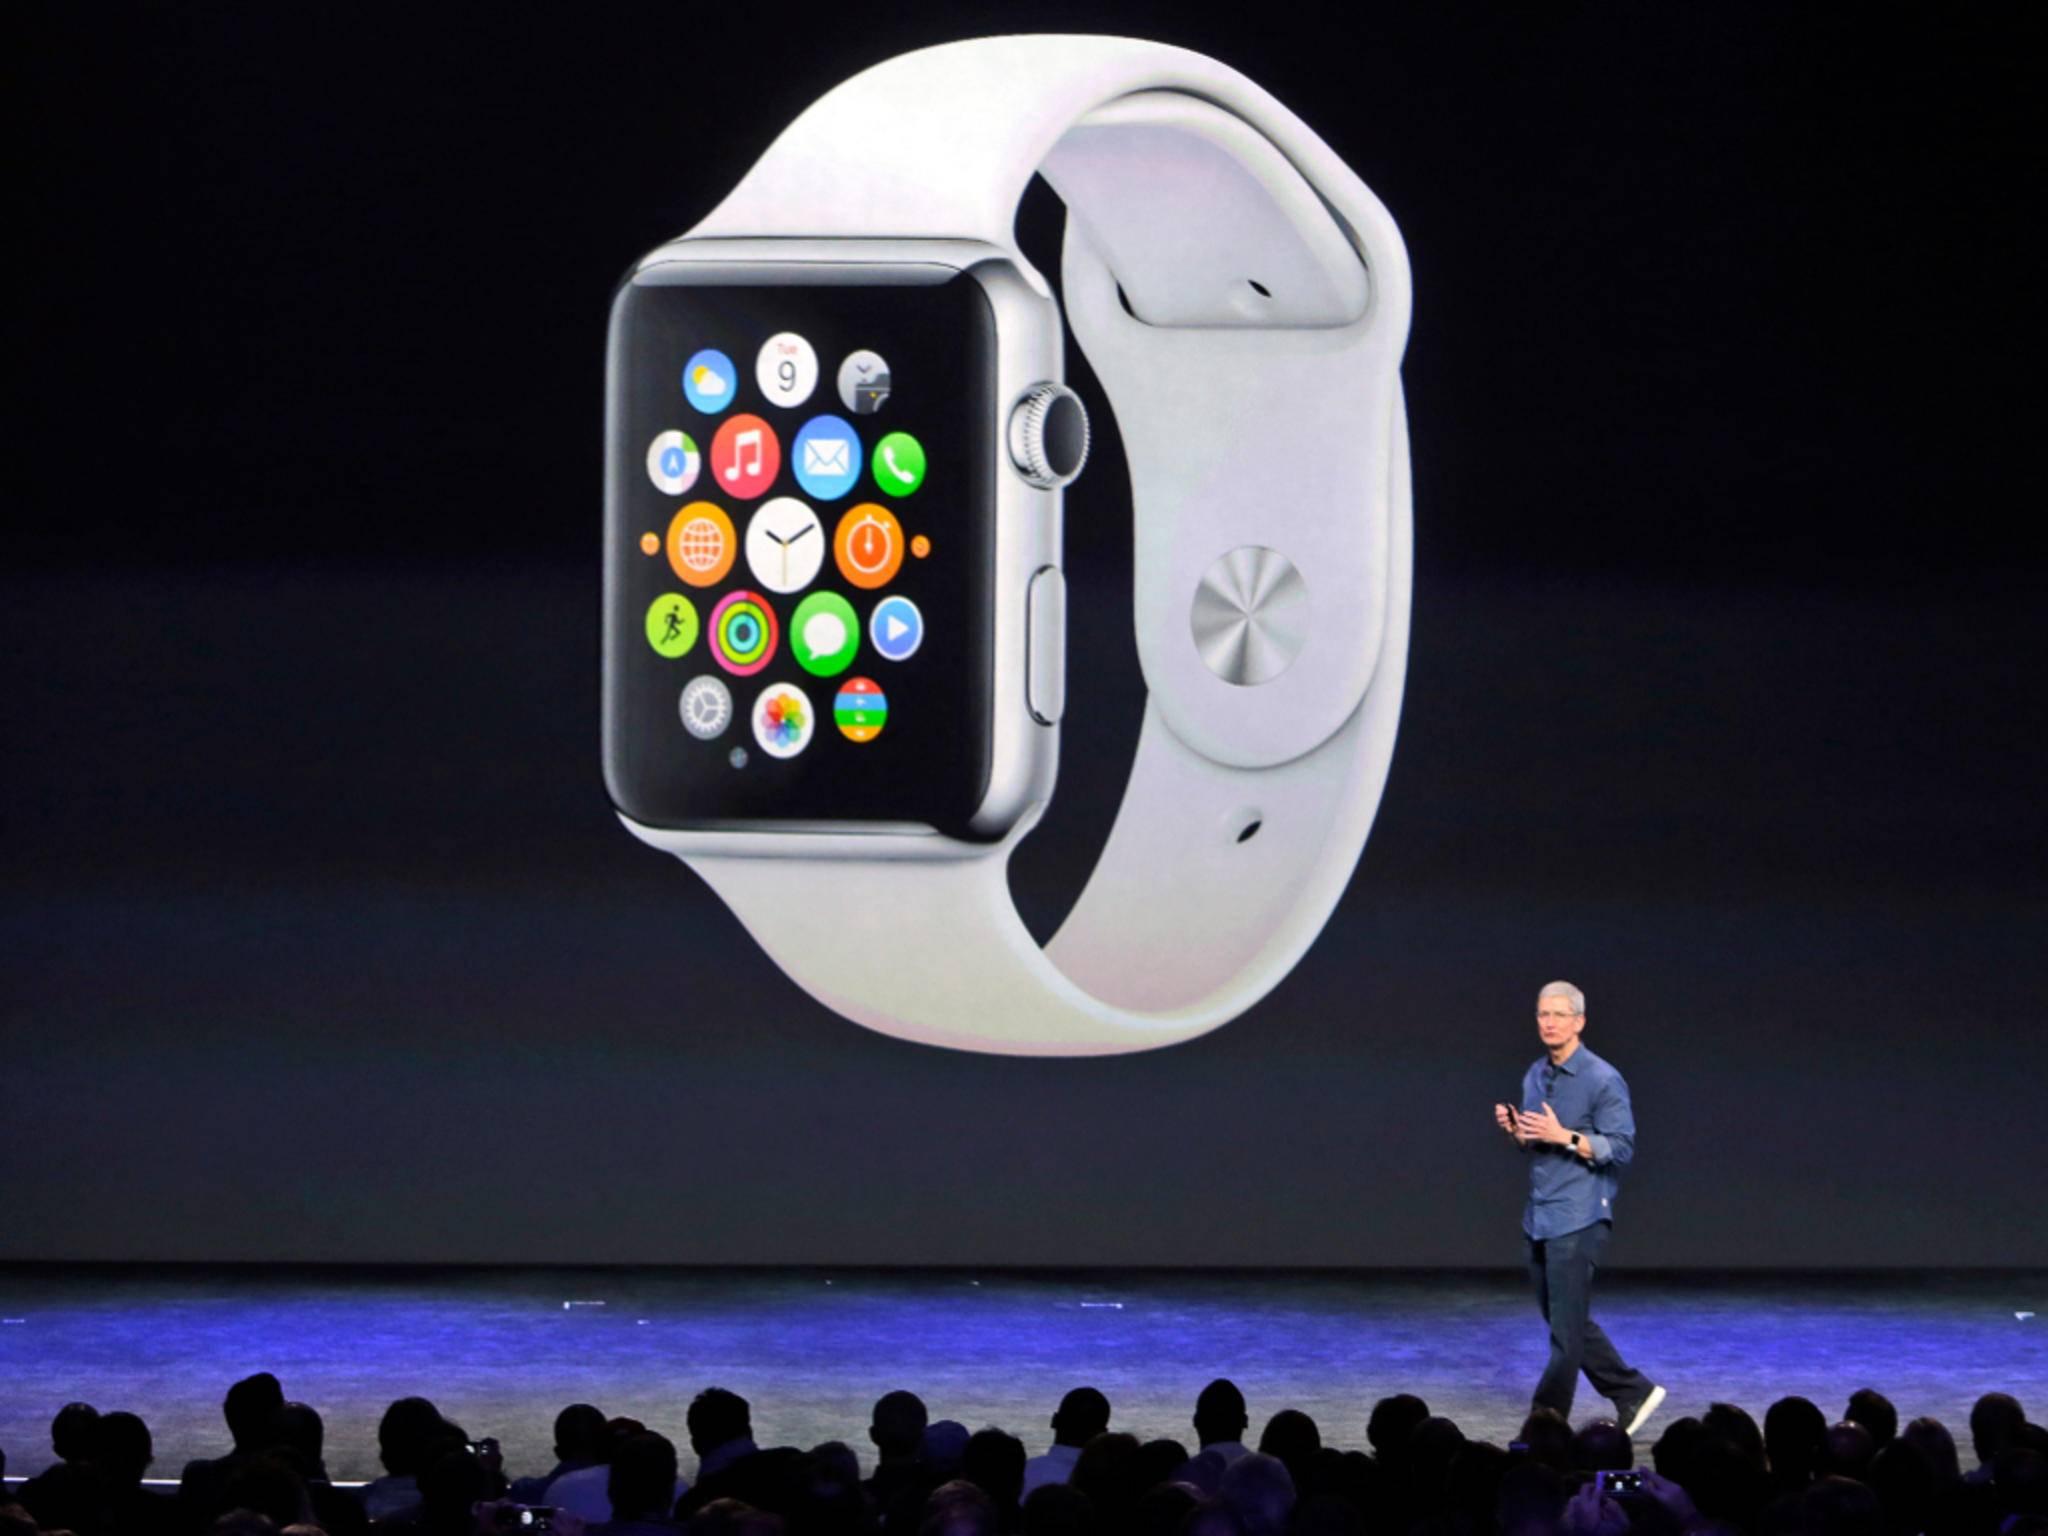 2015 wird es sich entscheiden: Wird die Apple Watch ein gigantischer Verkaufserfolg?